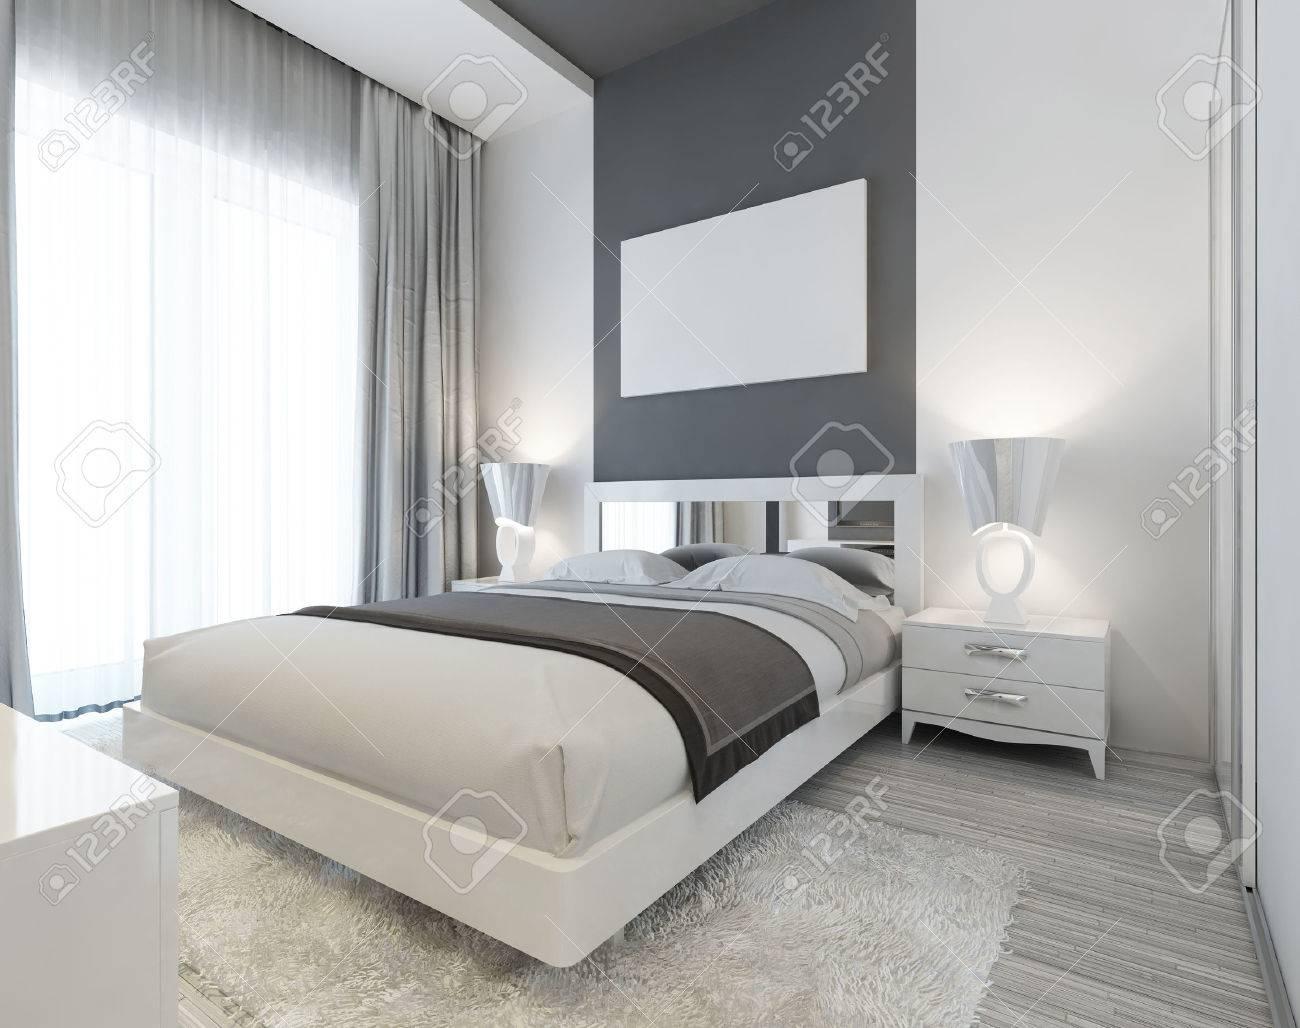 Chambre dans le style Art déco dans des couleurs blanches et grises.  Moderne soigneusement le lit posé avec des tables de chevet et lampes de  chevet.